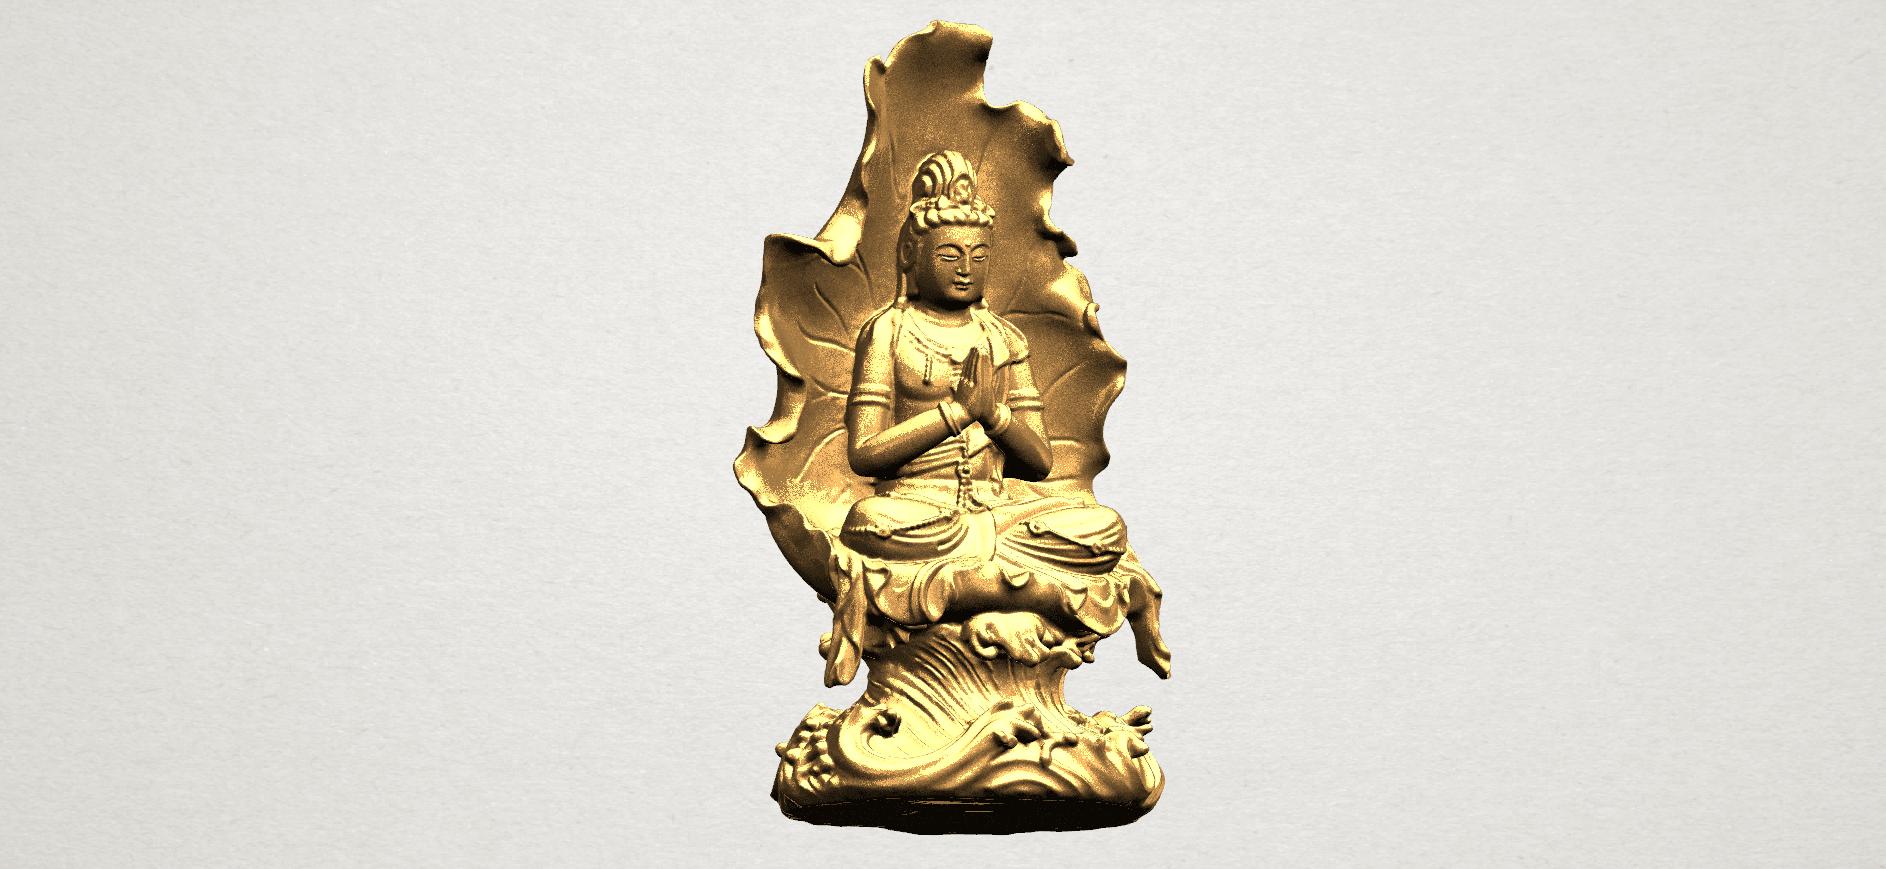 Avalokitesvara Buddha (with Lotus Leave) (ii) A11.png Download free STL file Avalokitesvara Buddha (with Lotus Leave) 02 • Model to 3D print, GeorgesNikkei